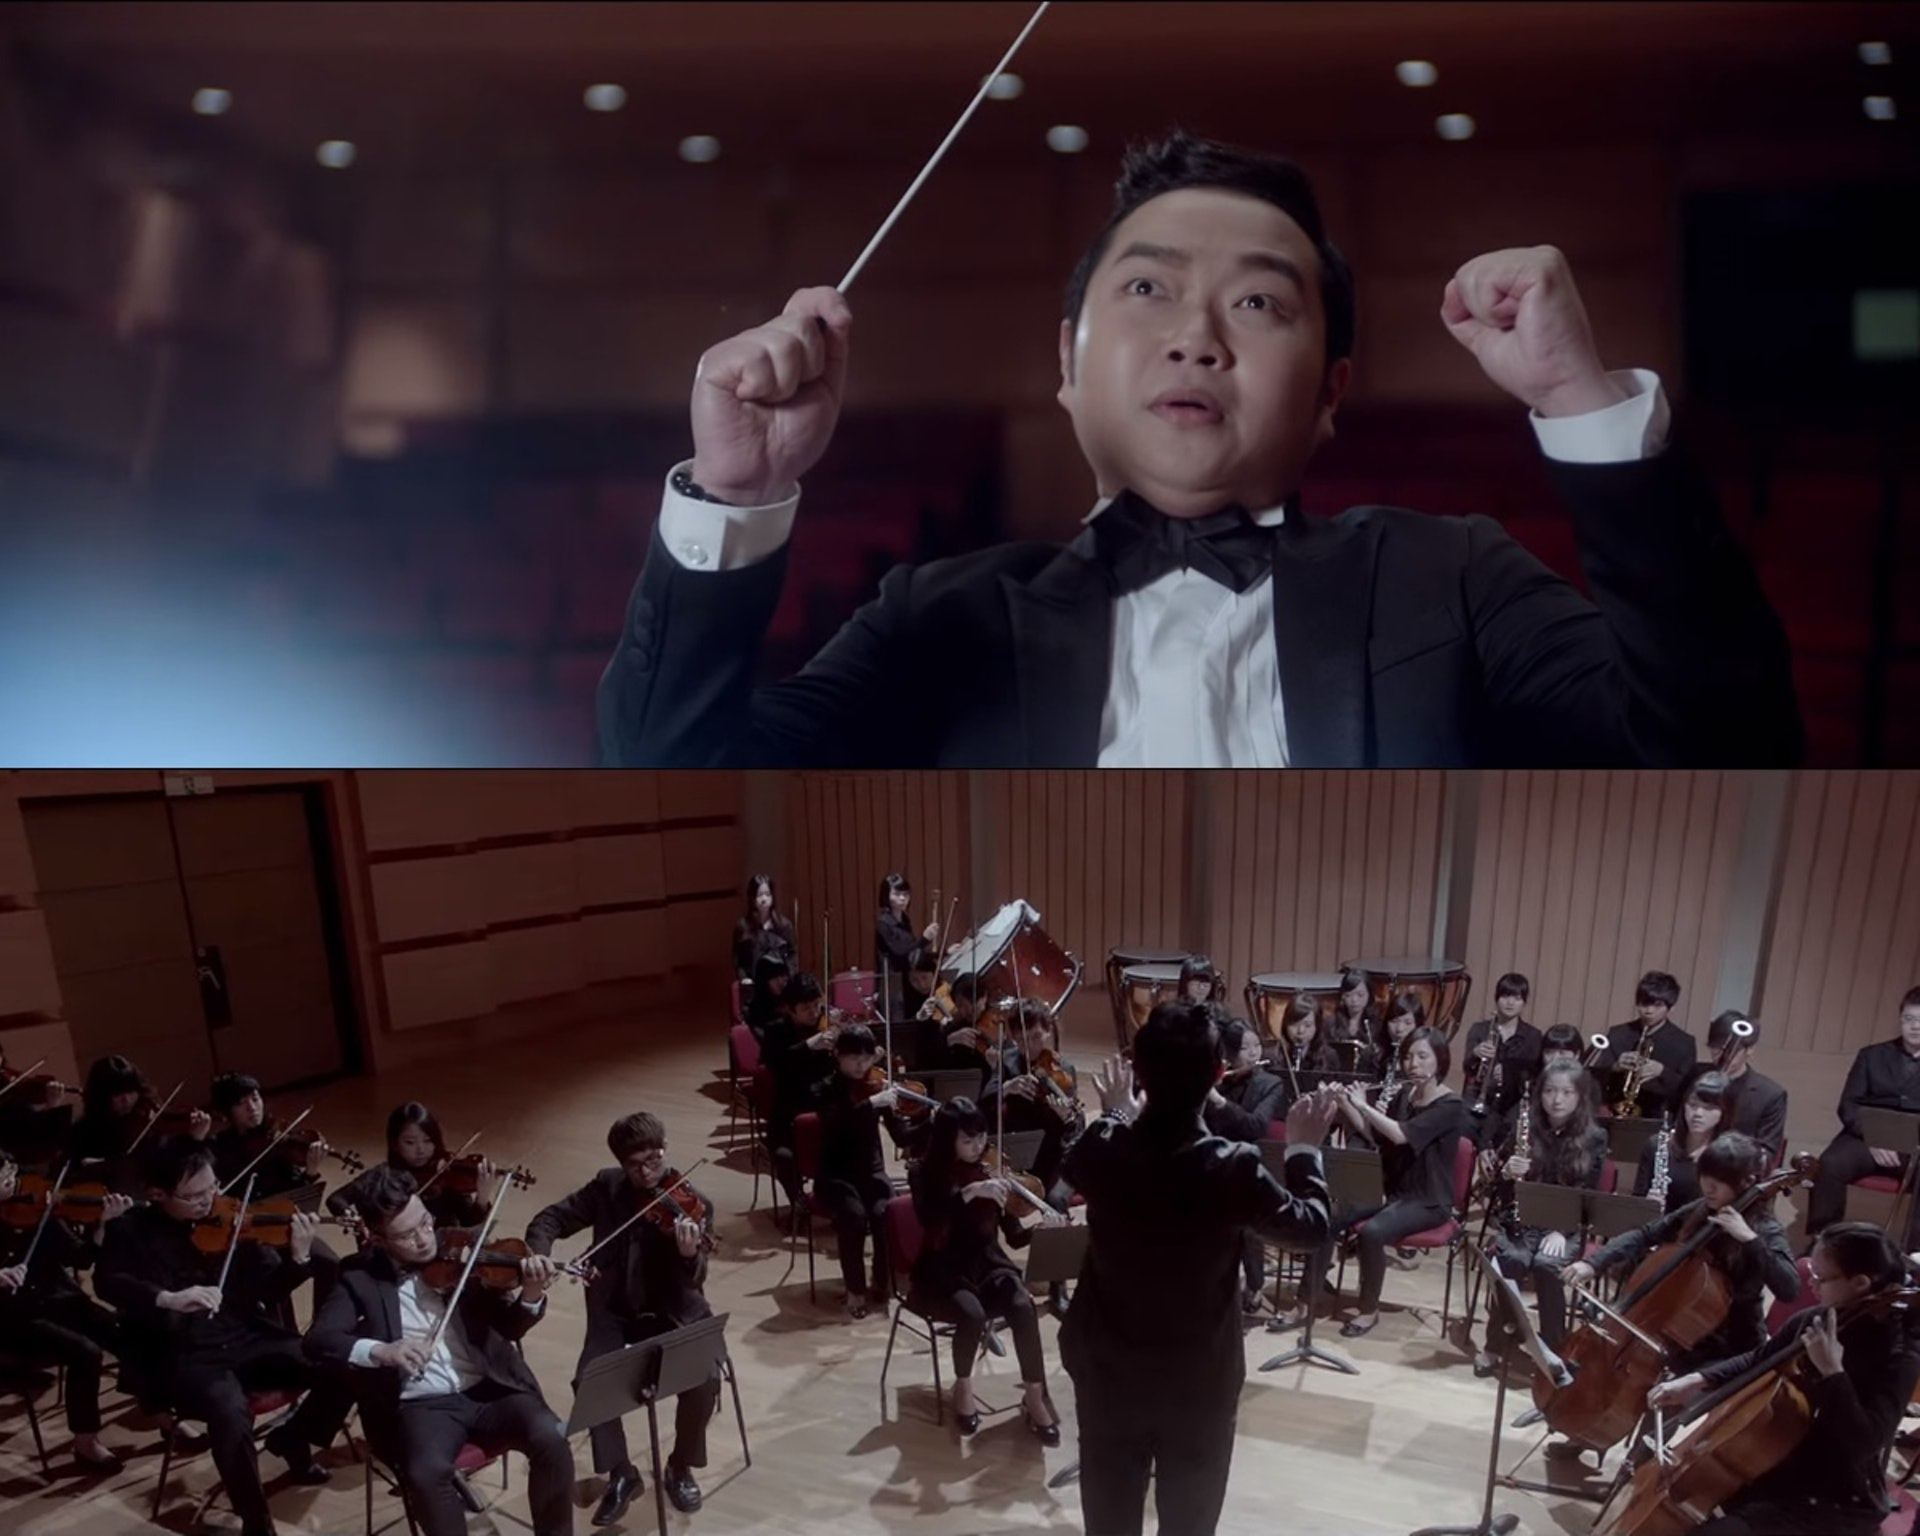 Ha Van Huy - chang ngo phim Chau Tinh Tri tro thanh trieu phu hinh anh 3 ha_van_huy4.jpg